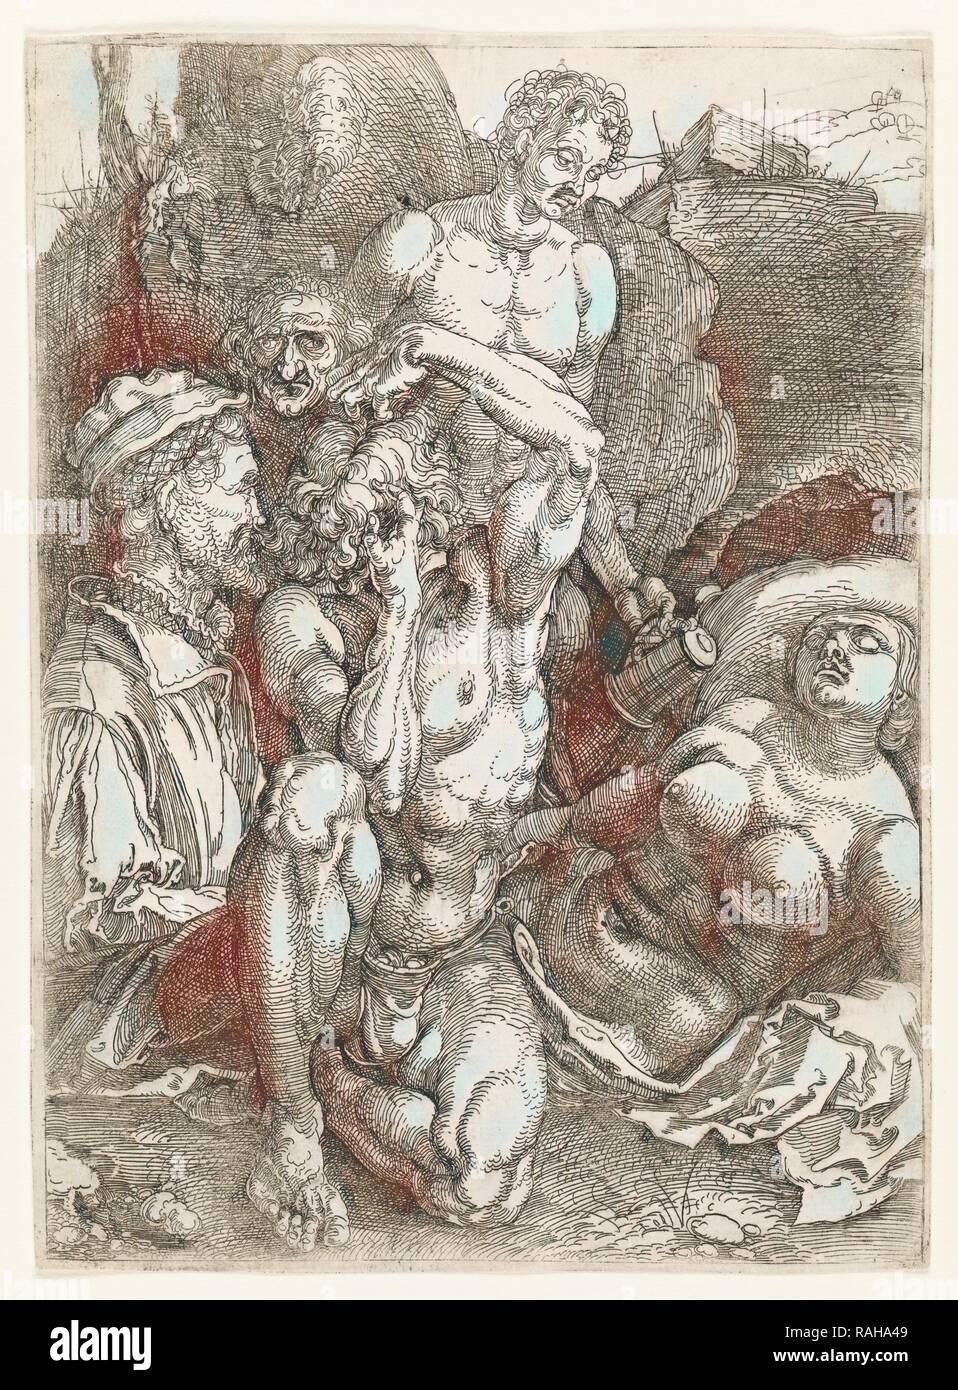 Abbildung fünf Studien, die Abbildung fünf Studien, Dürer, Albrecht, 1471-1528, Ca. 1515. Neuerfundene durch Gibon. Klassische Kunst mit Neuerfundene Stockbild